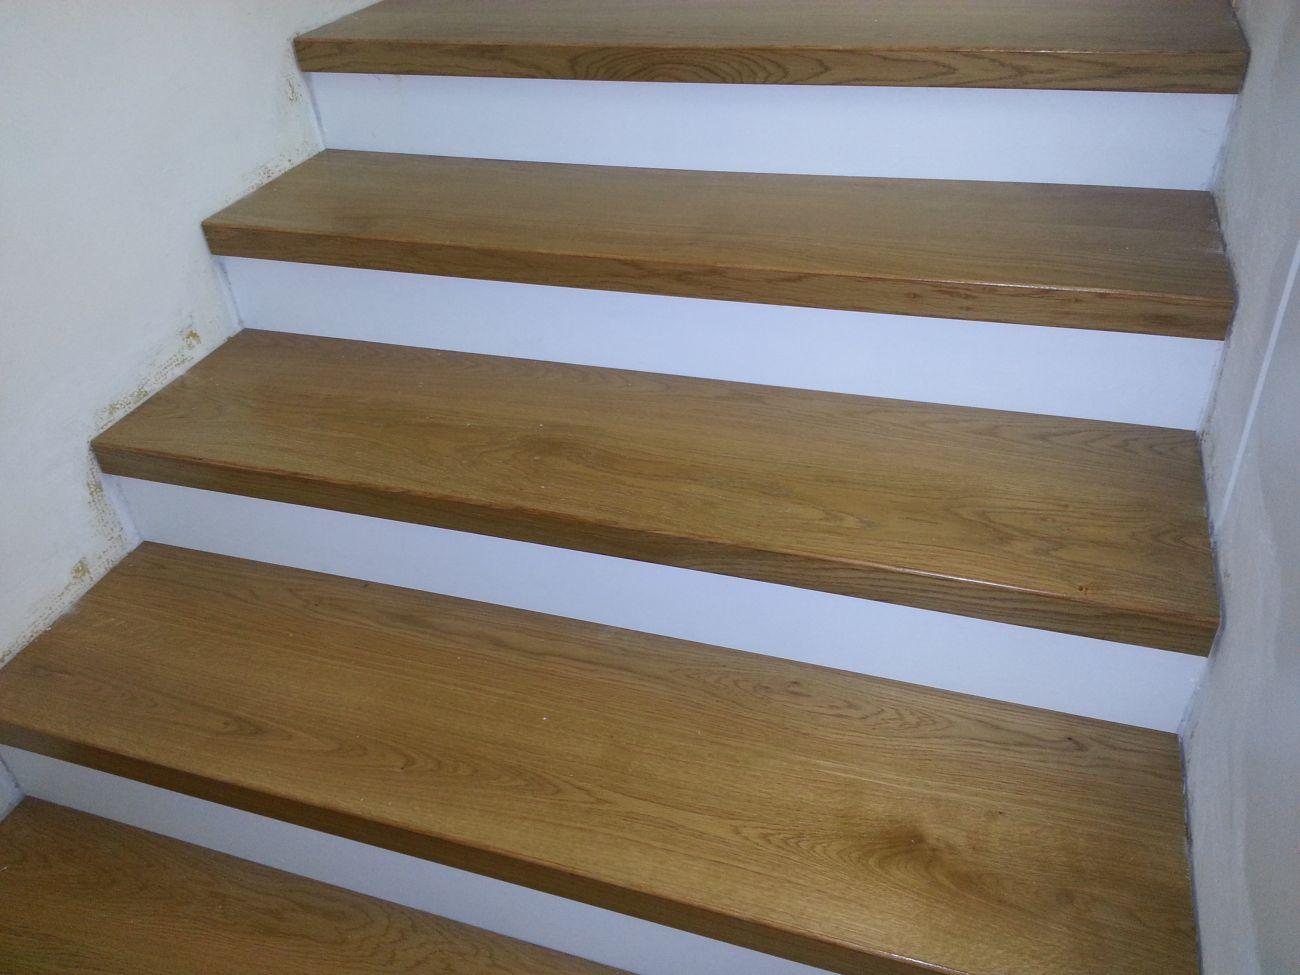 Parquet per esterni soriano pavimenti in legno - Rivestimenti scale interne in legno ...